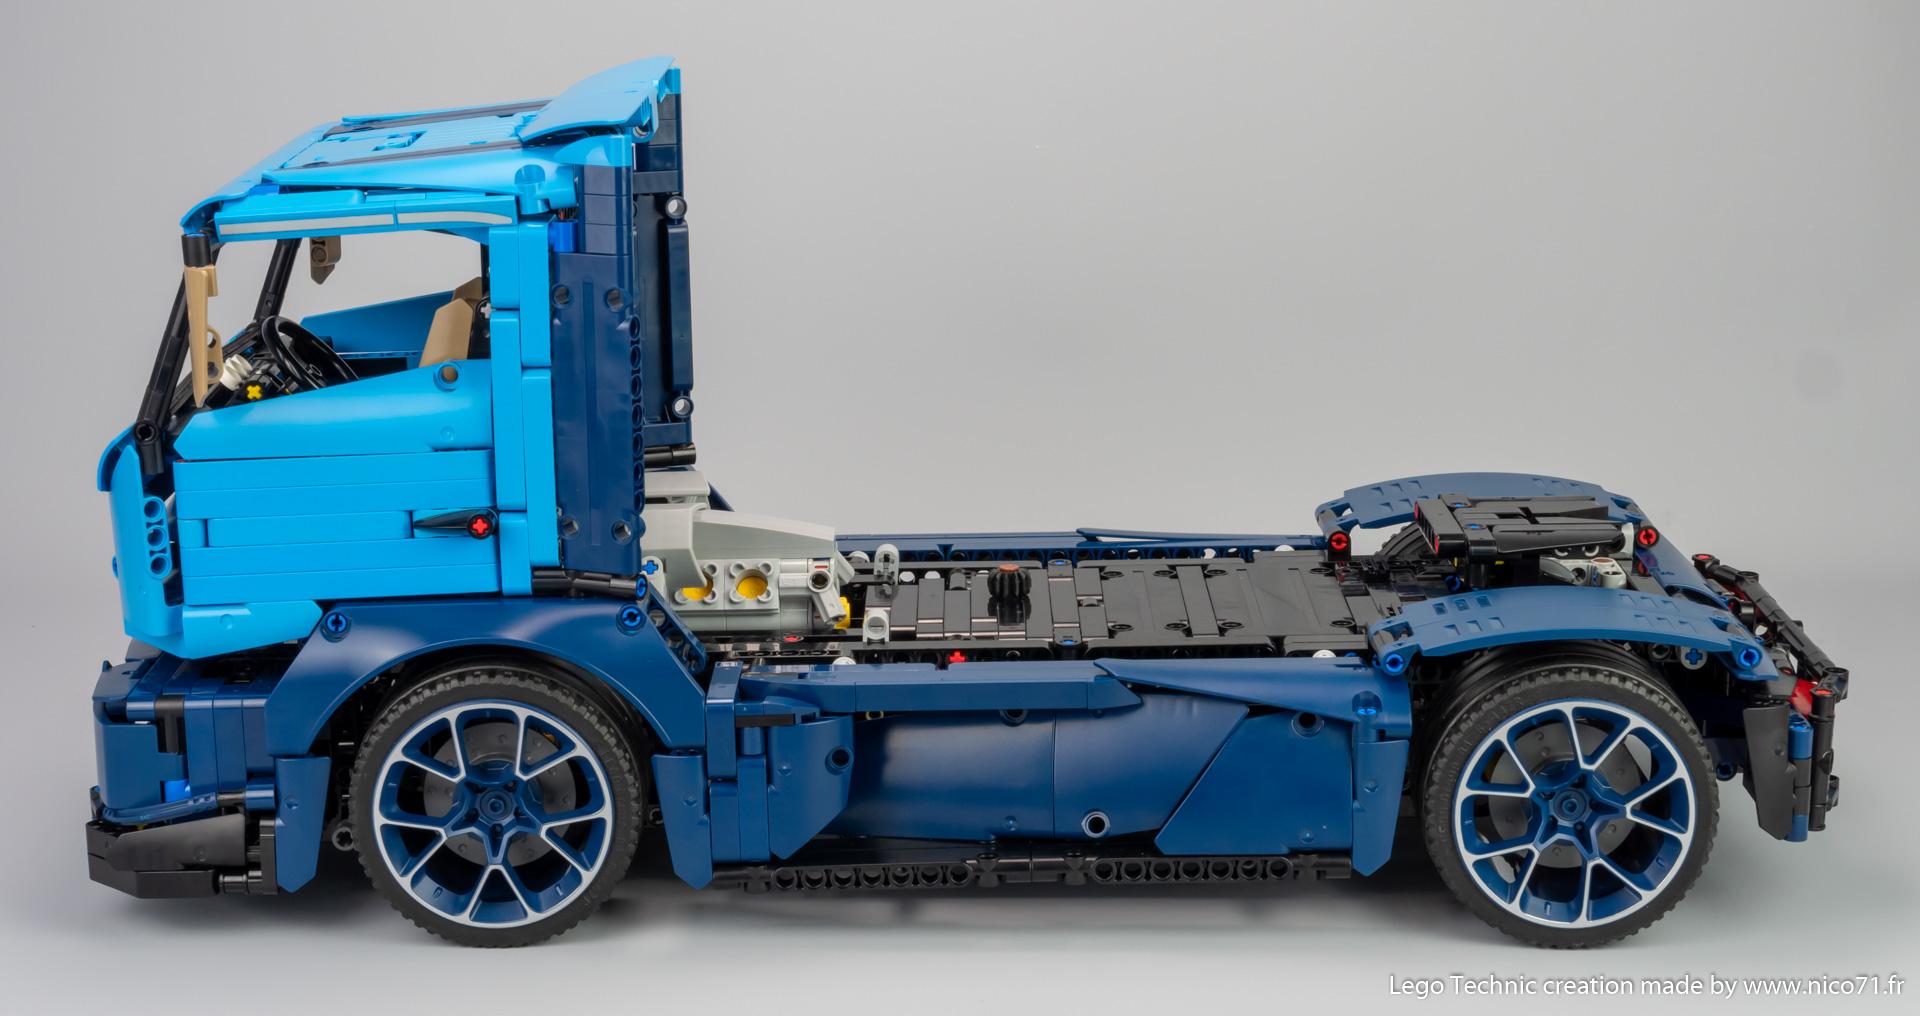 Lego-42083-model-b-race-truck-3